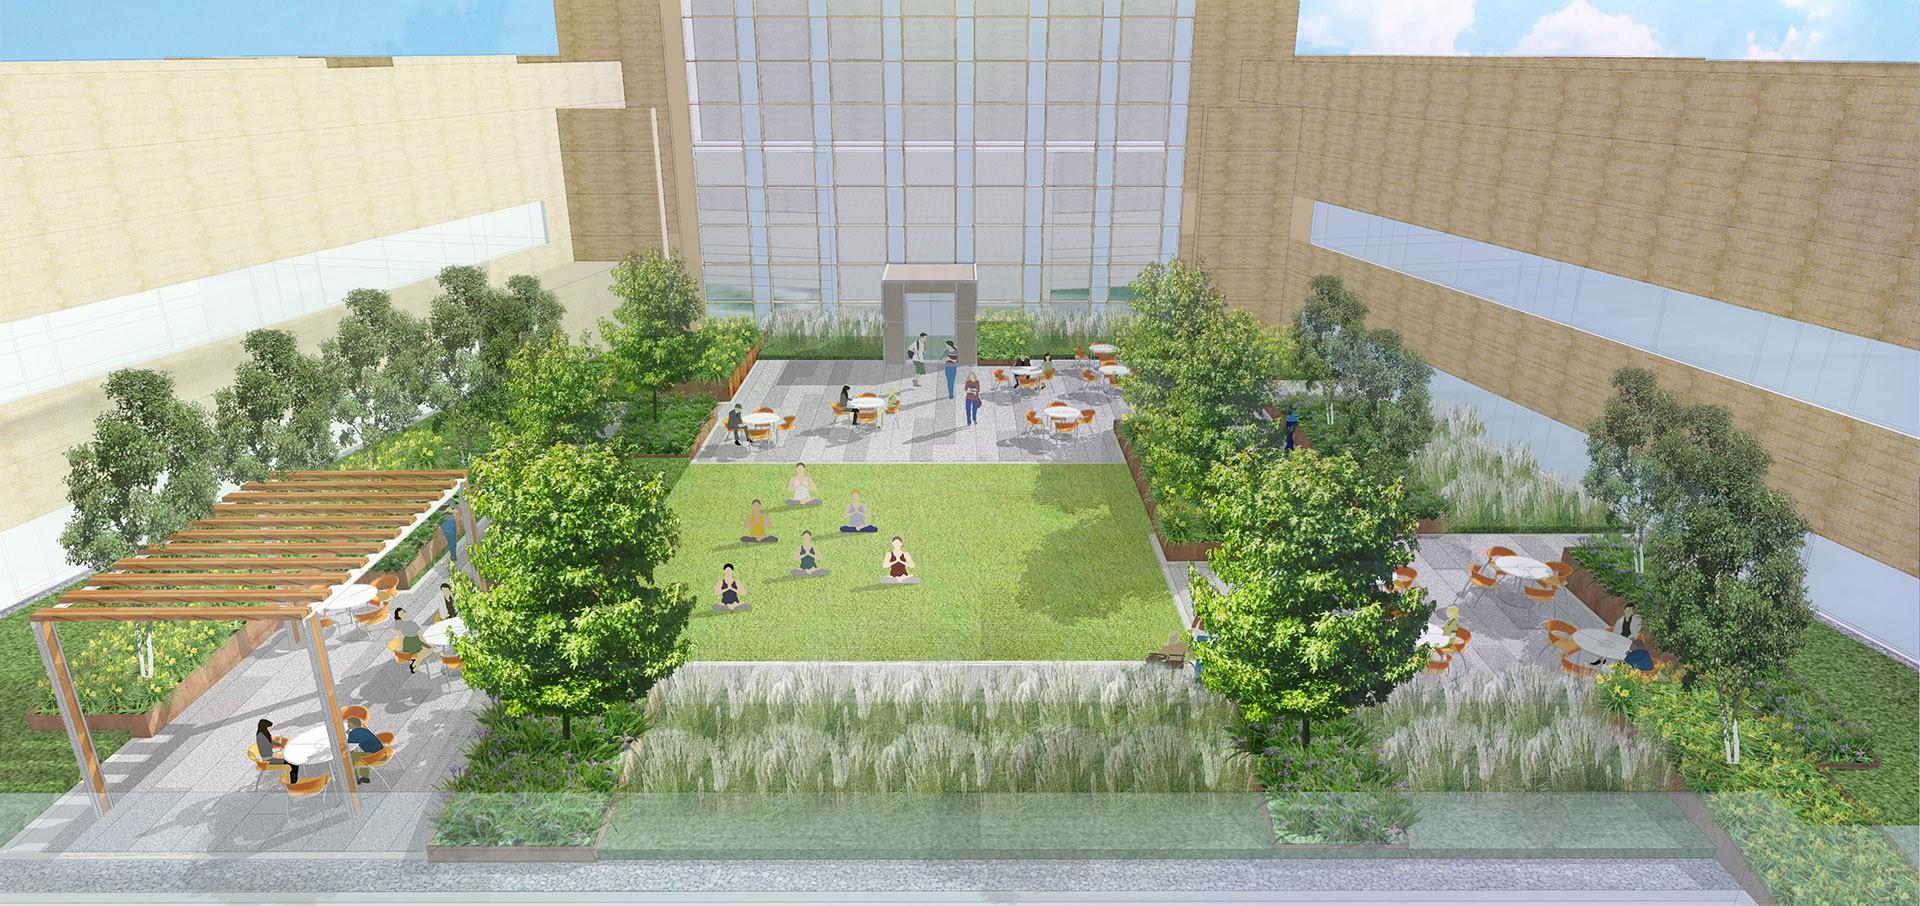 The Allen Hospital Roof Garden Crja